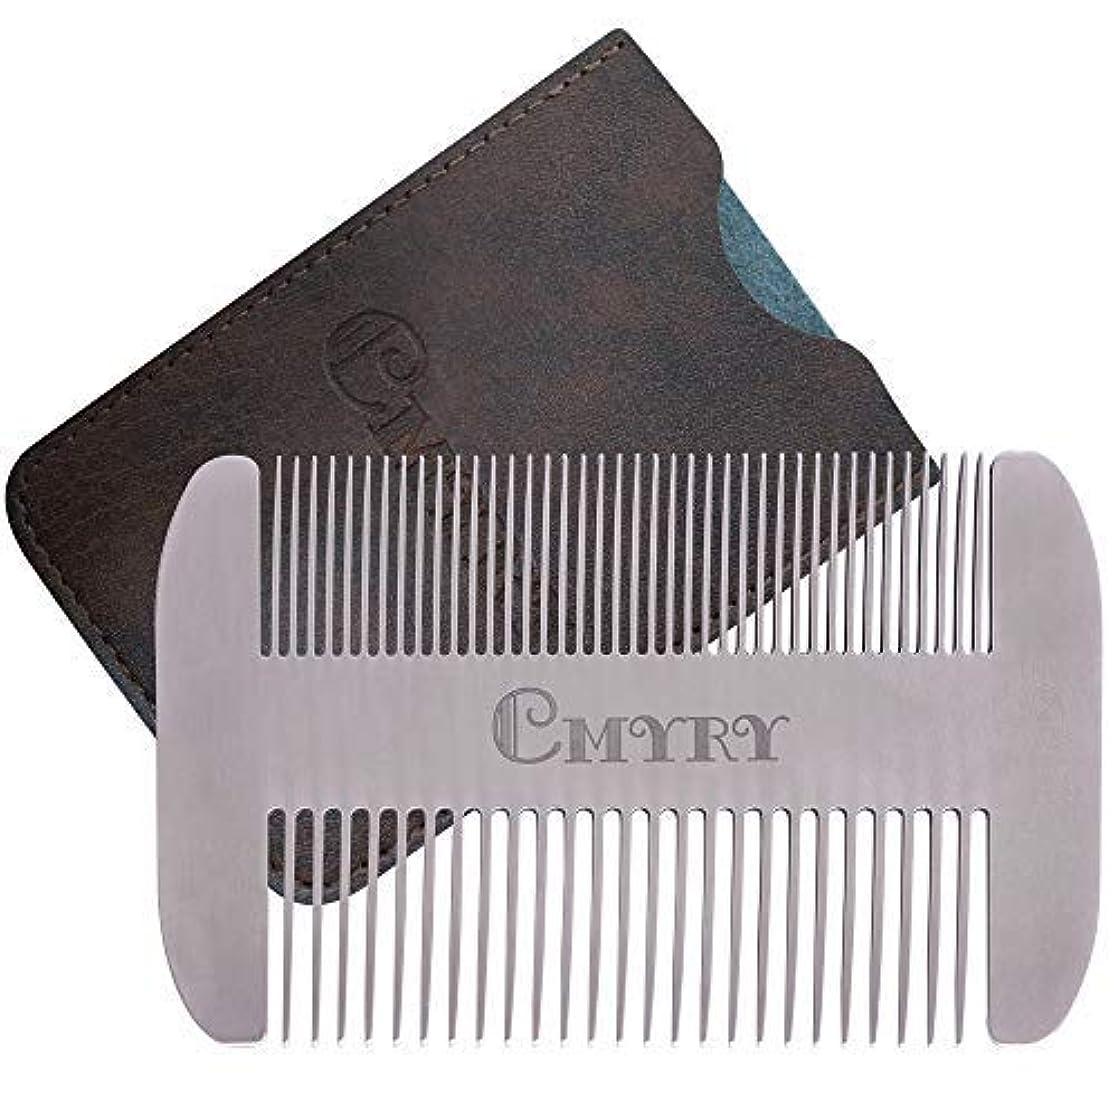 実り多い人事発症Beard Comb EDC Mustache Stainless Steel Wallet Comb Beard & Hair Pocket Mini Anti-Static Comb for Man(travel metal wallet) [並行輸入品]